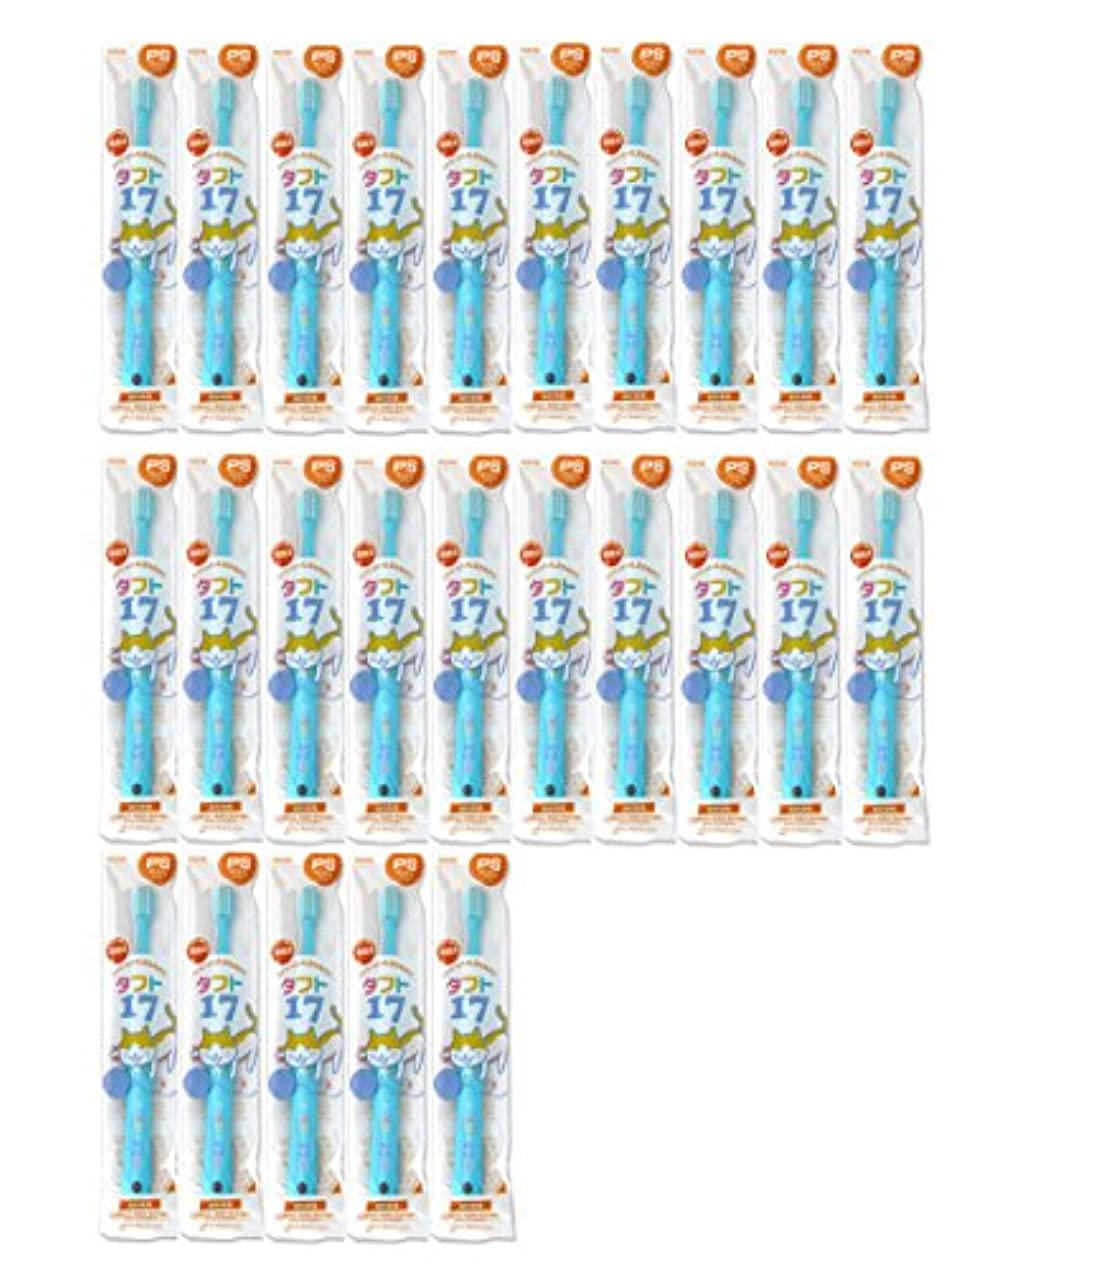 強打廃棄するミュージカルタフト17 25本 オーラルケア【タフト17/プレミアムソフト 子供】乳歯列期(1~7歳)こども歯ブラシ 25本セット ブルー